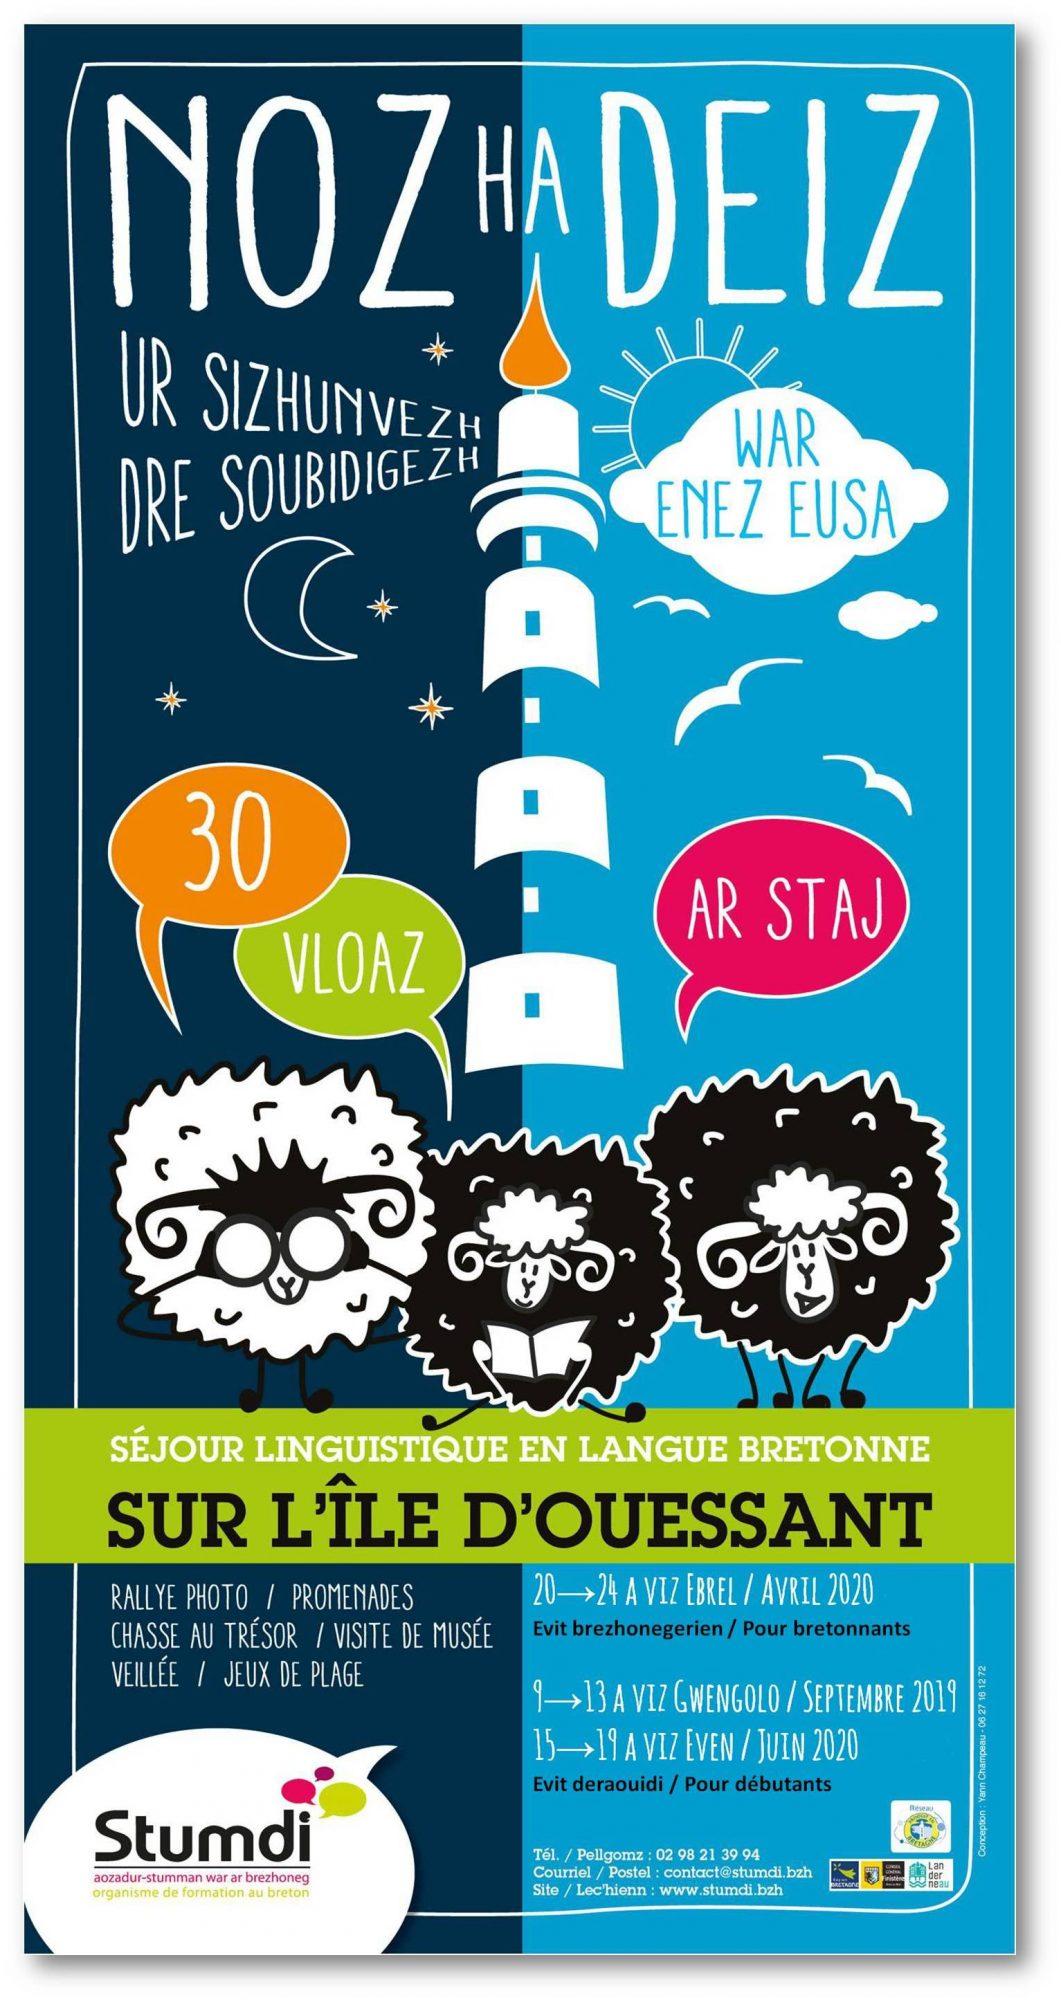 Eusa-Ouessant - Stumdi centre de formation en langue bretonne